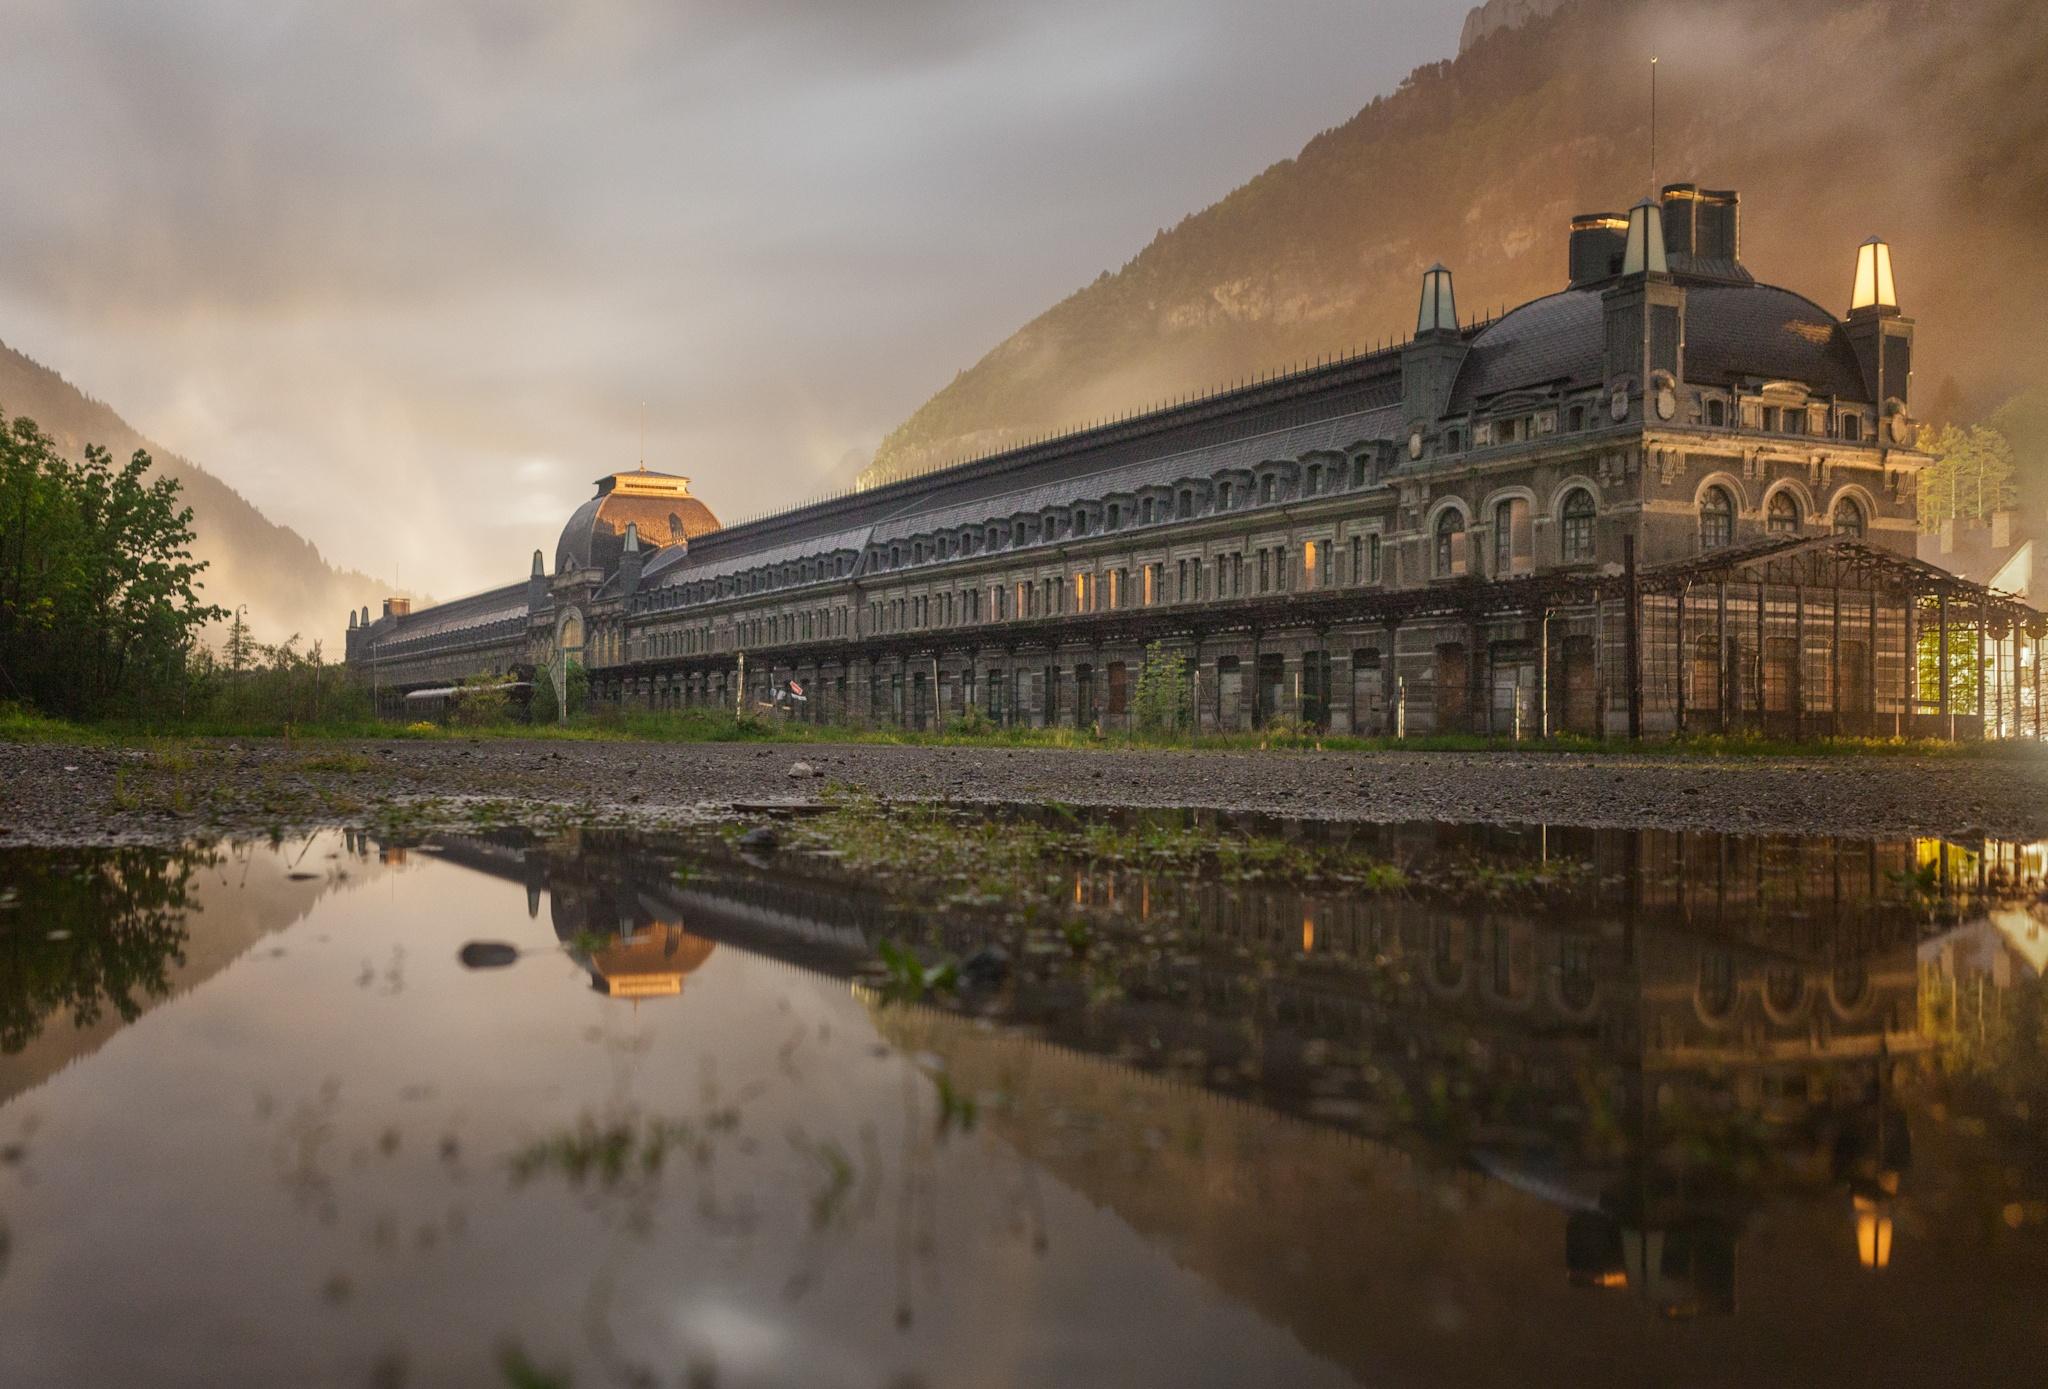 Estación de Canfranc - Fotos del Valle del Aragón, Mikel Besga